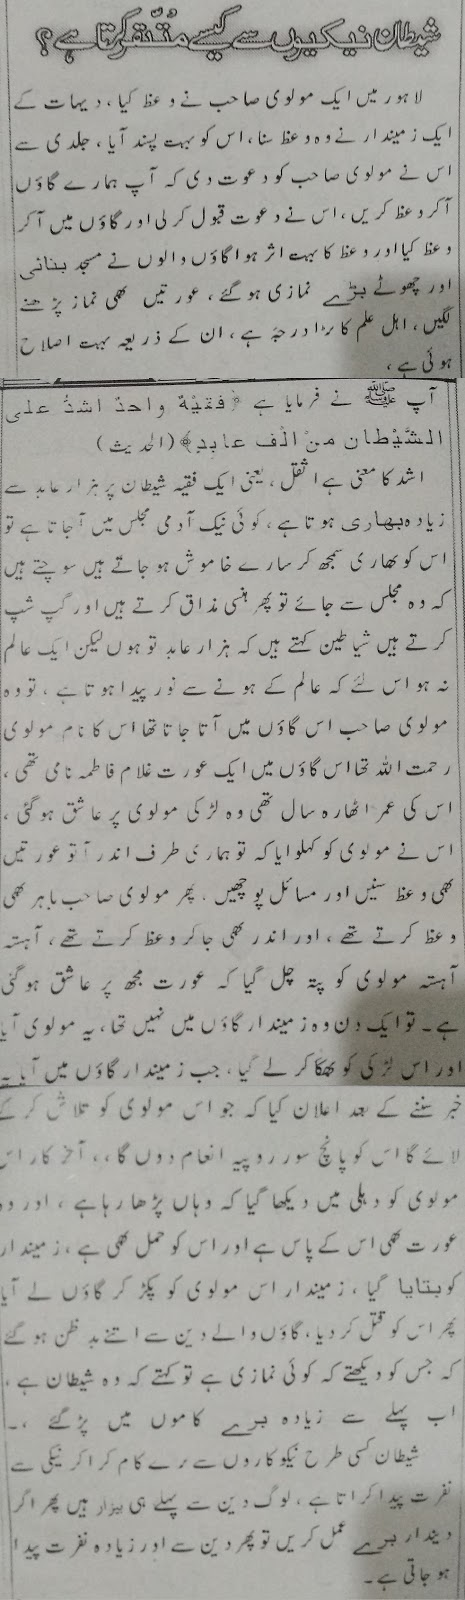 Malfuzat: Utterances Of Shaikh Hammadullah Halejvi